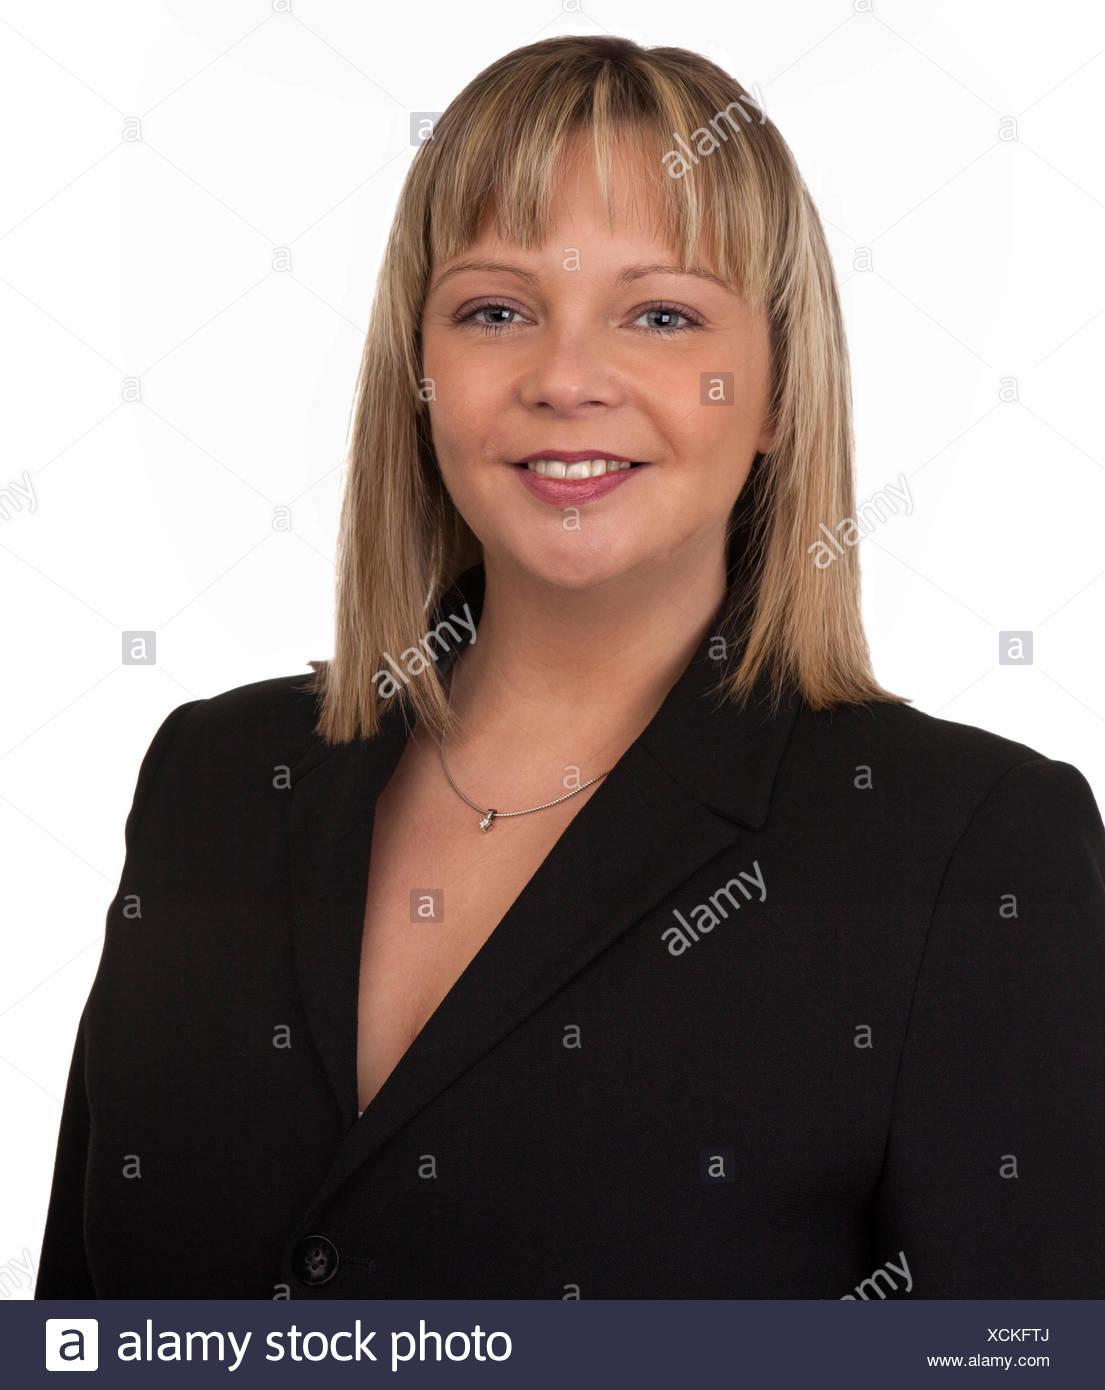 Frau Dame weiblichen dreißiger Jahre zwanziger Jahre blond dapper anzureden ziemlich hübsch Stockbild